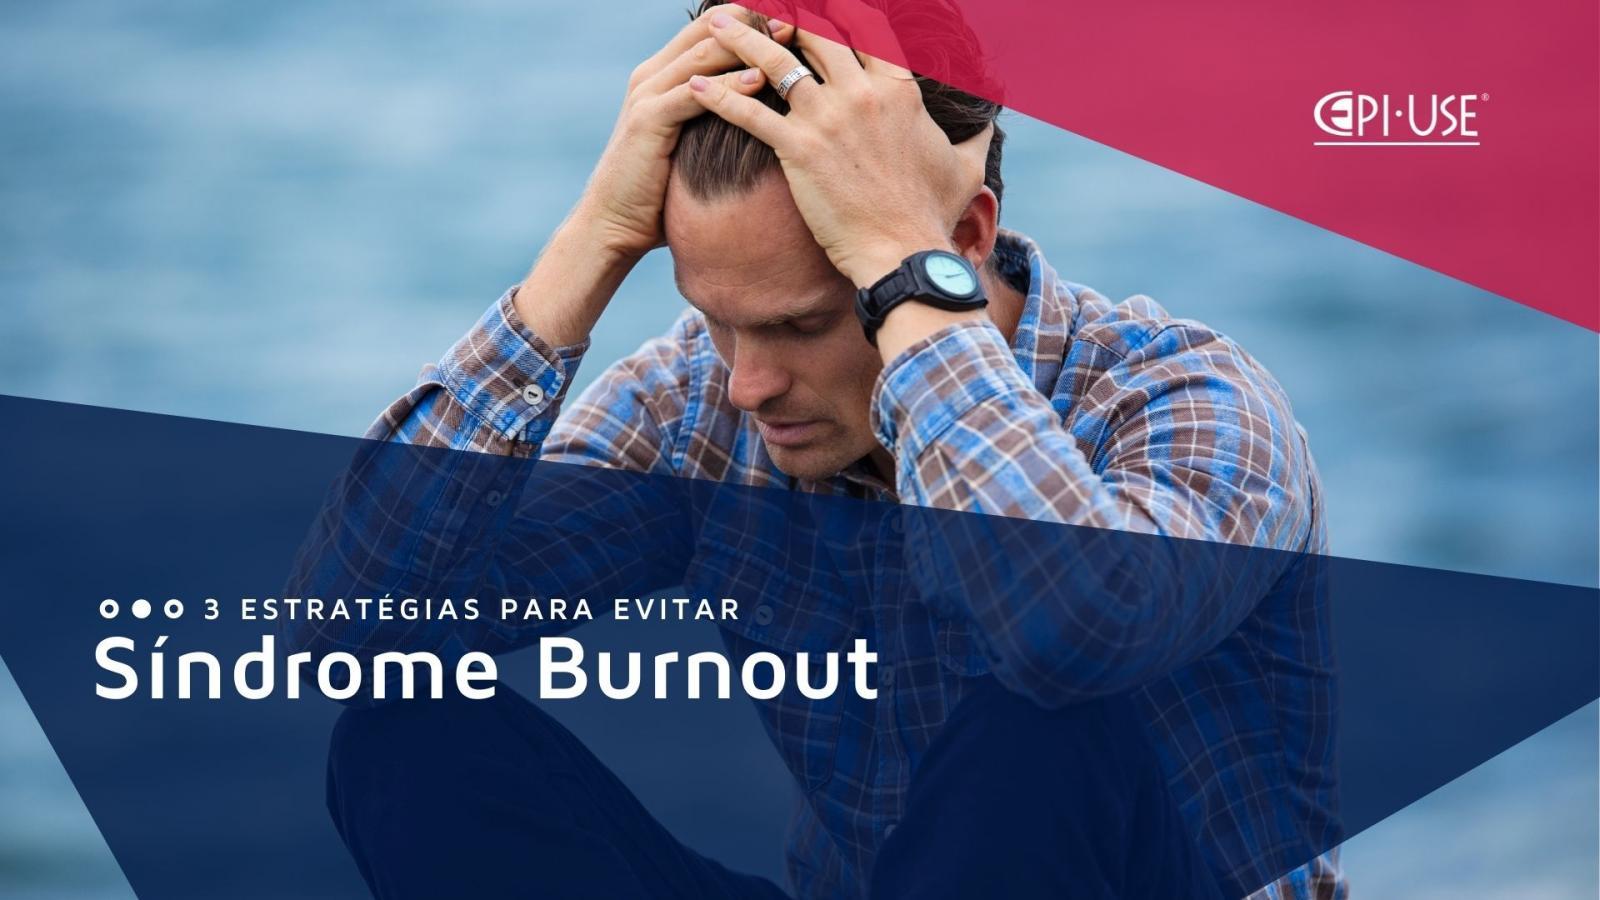 3 estratégias para evitar Síndrome Burnout na sua empresa